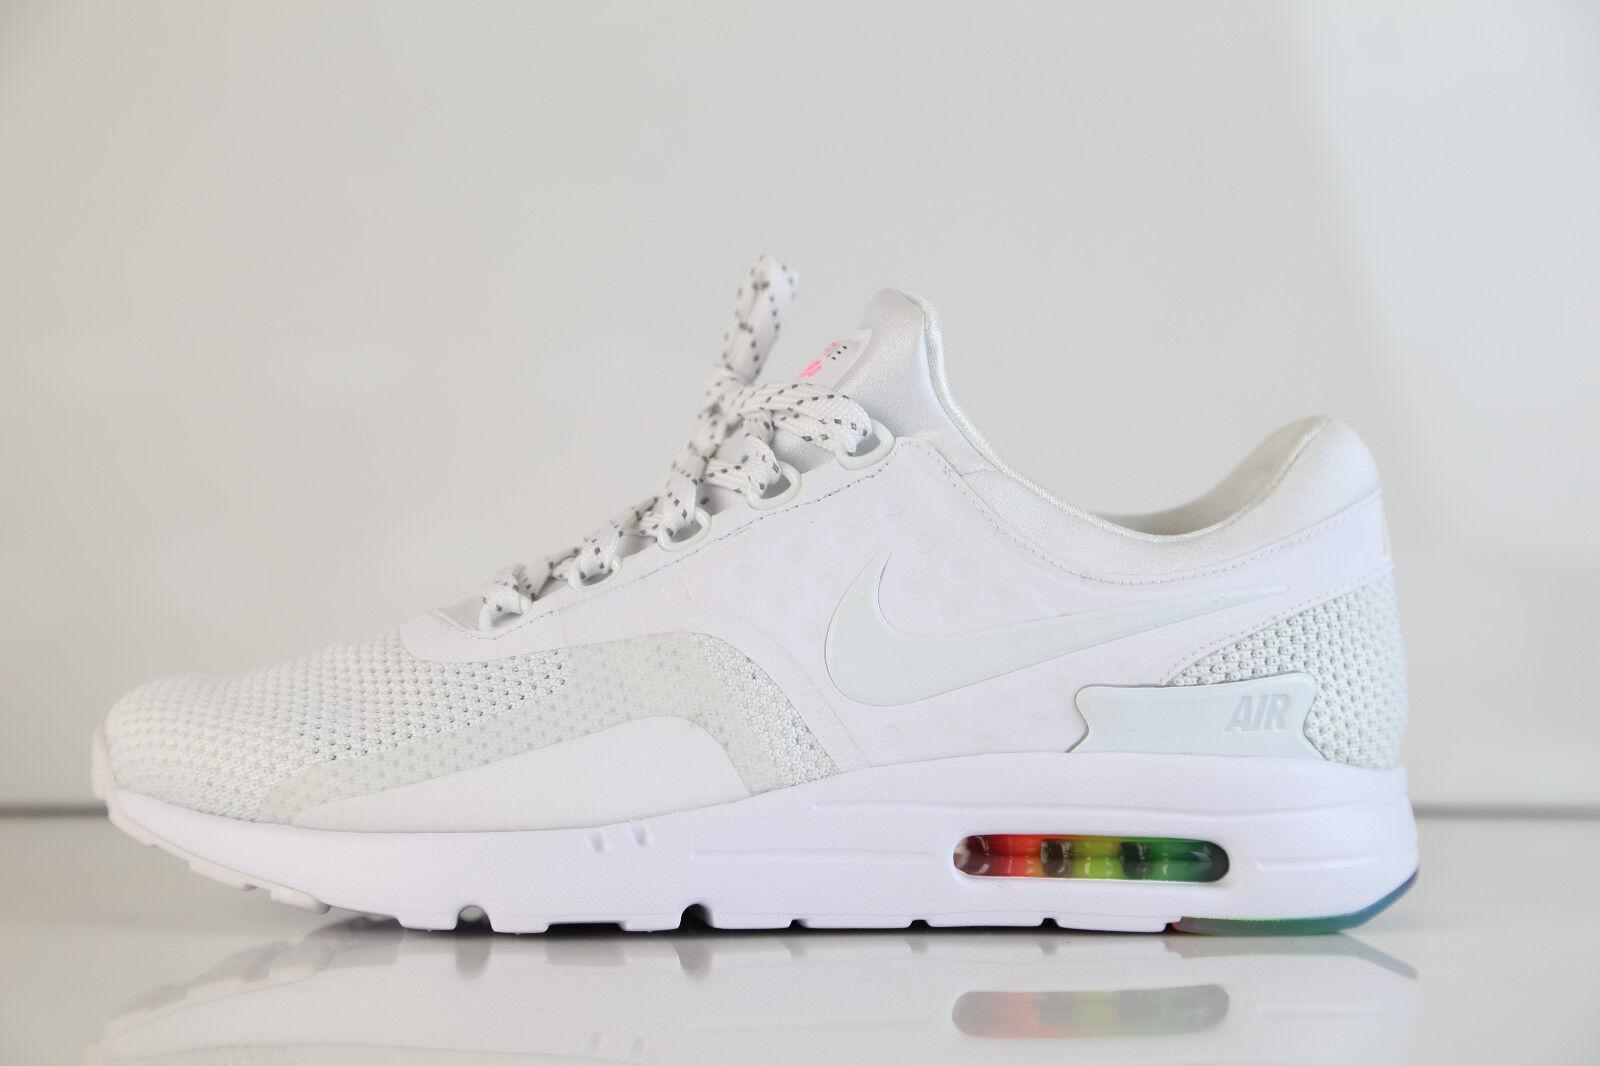 Nike Air Max Zero QS Be True blanc Pure Platinum 789695-101 8-15 1 90 Premium